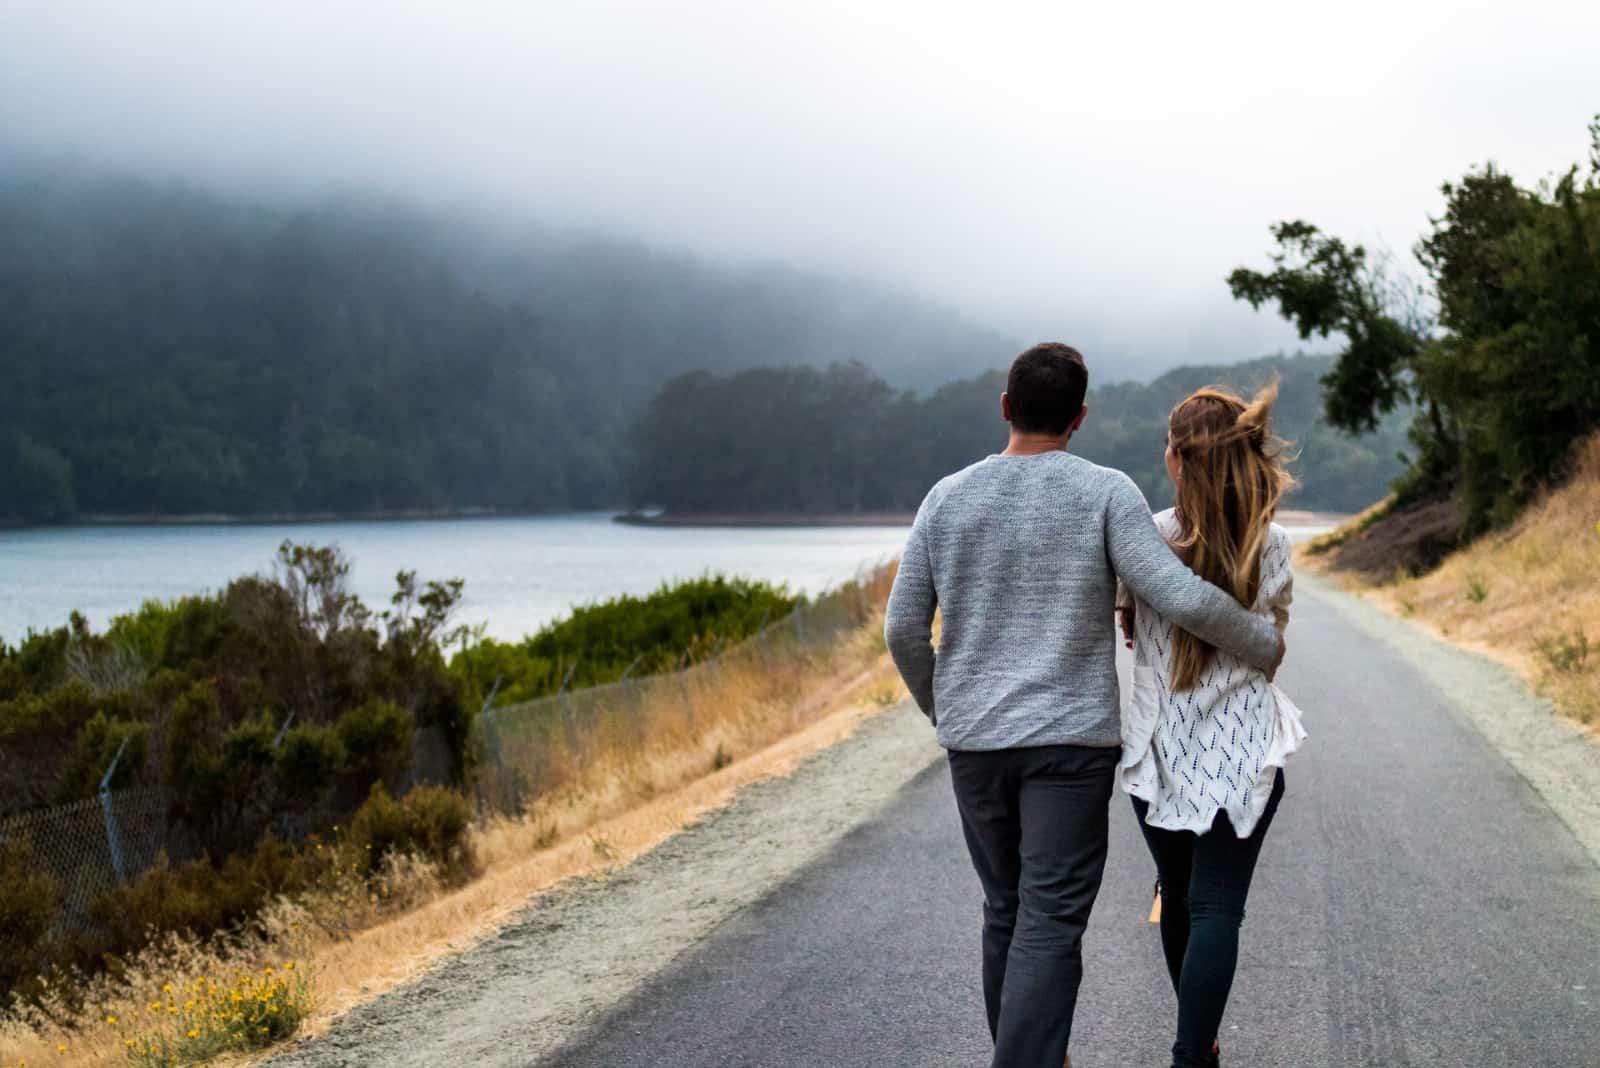 homme et femme marchant sur la route